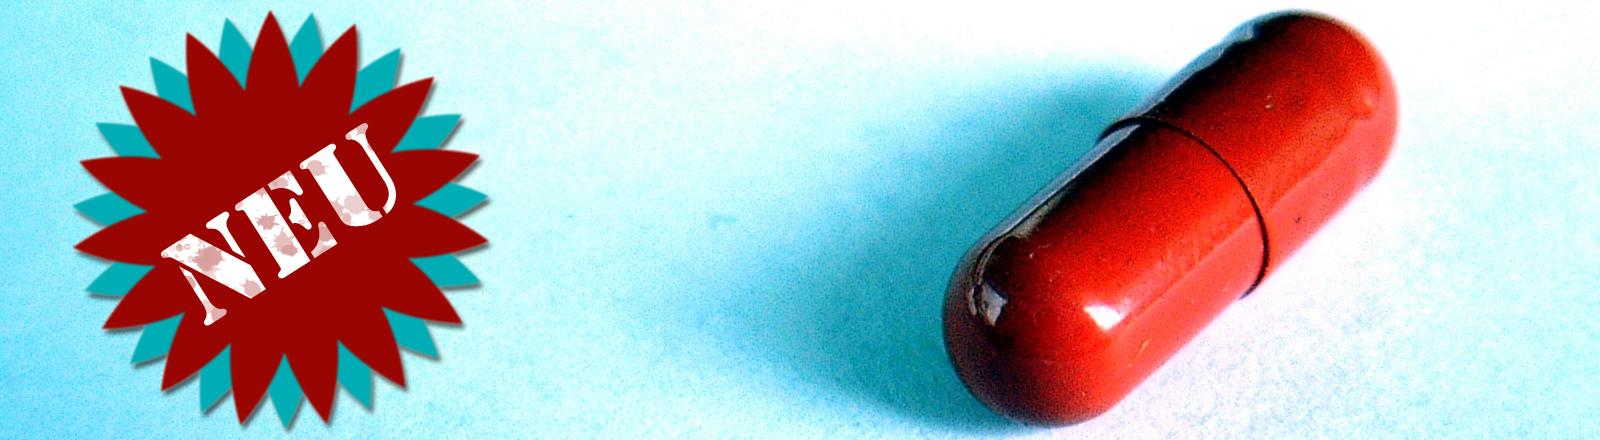 Eine rote, ovale Pille auf blauem Hintergrund, daneben ein Label mit der Aufschrift Neu